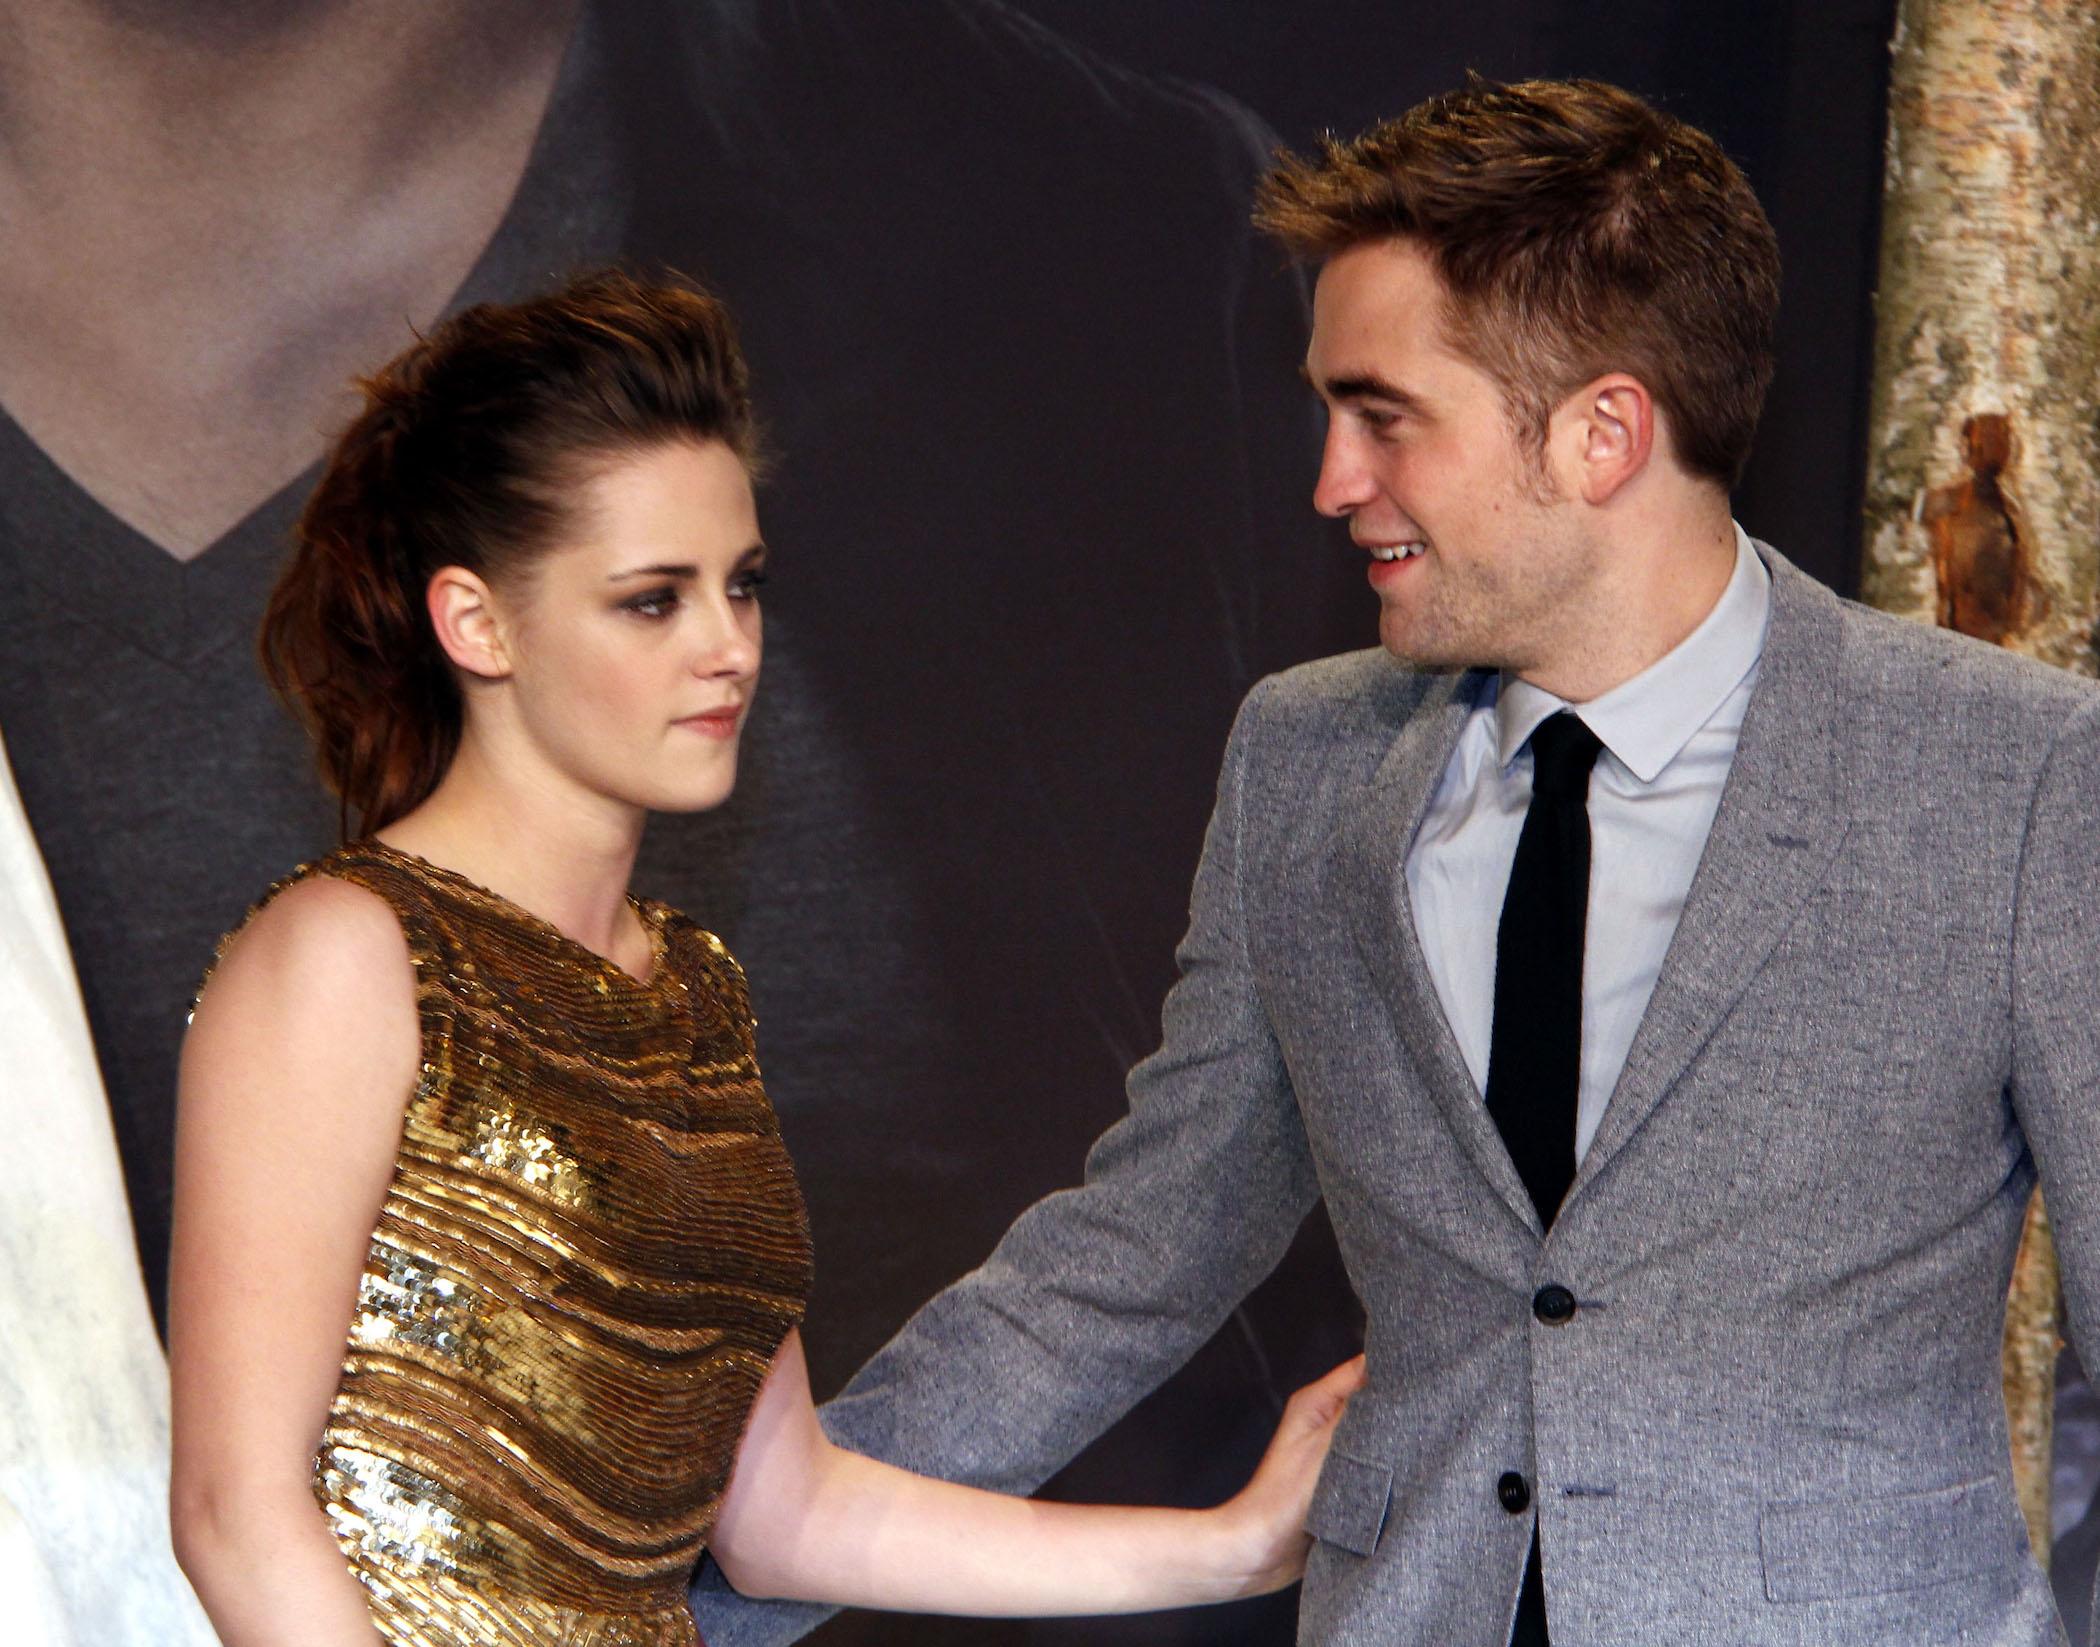 On robert kristen stewart pattinson Robert Pattinson